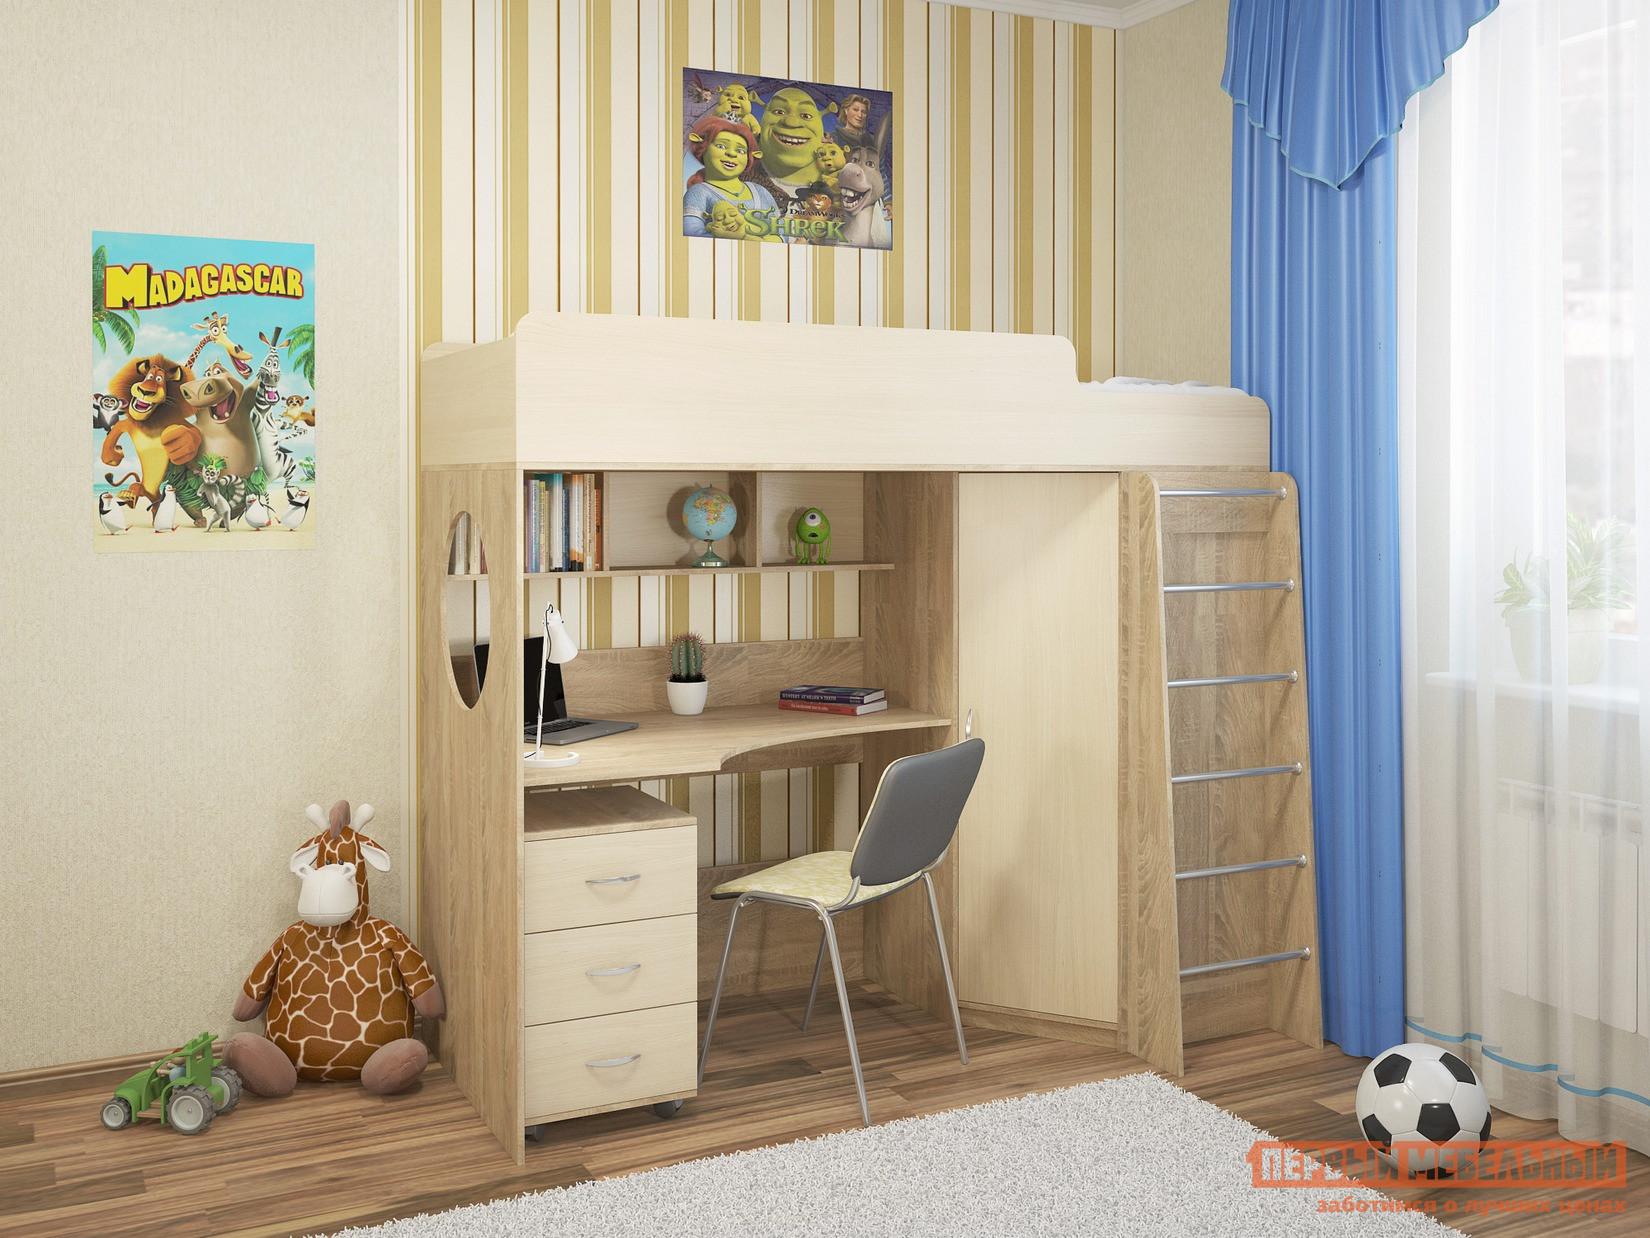 Кровать-чердак Милана Милана-3 Сонома Сонома / Дуб Молочный, Без матрасаКровати-чердаки<br>Габаритные размеры ВхШхГ 1730x1940x840 мм. Функциональный модуль в детскую, который значительно экономит пространство в небольшом помещении.  Все края имеют скругления, что очень важно в детской комнате, особенно во время активных игр. Модель сочетает в себе кровать-чердак с безопасным бортиком, письменный стол, мобильную тумбу с тремя ящиками и угловой шкаф.  Над столом есть полки для книг и учебных принадлежностей.  В шкафу располагается штанга и полки.  Широкая лестница позволит легко взобраться на второй этаж и может служить игровым элементом.  В боковине модуля есть круглое окошко, которое будет пропускать свет.  Размер спального места — 800 х 1900 мм. Основание кровати — настил из ЛДСП. Модуль универсальный: его можно собрать как на правую, так и на левую сторону. Обратите внимание! Необходимо выбрать удобный для вас вариант покупки кровати: с матрасом или без него.  Ознакомиться с моделью матраса, который входит в комплект кровати, вы можете в разделе «Аксессуары». Изделие изготавливается из ЛДСП толщиной 16 мм.  Края обработаны кромкой ПВХ 0,4 и 2 мм.  Перекладины у лестницы выполнены из хромированного металла.<br><br>Цвет: Светлое дерево<br>Высота мм: 1730<br>Ширина мм: 1940<br>Глубина мм: 840<br>Кол-во упаковок: 6<br>Форма поставки: В разобранном виде<br>Срок гарантии: 24 месяца<br>Тип: Угловые<br>Назначение: Для подростков<br>Материал: Дерево<br>Материал: ЛДСП<br>Размер: Спальное место 80Х190<br>С ящиками: Да<br>Со шкафом: Да<br>С полками: Да<br>С рабочей зоной: Да<br>Пол: Для девочек<br>Пол: Для мальчиков